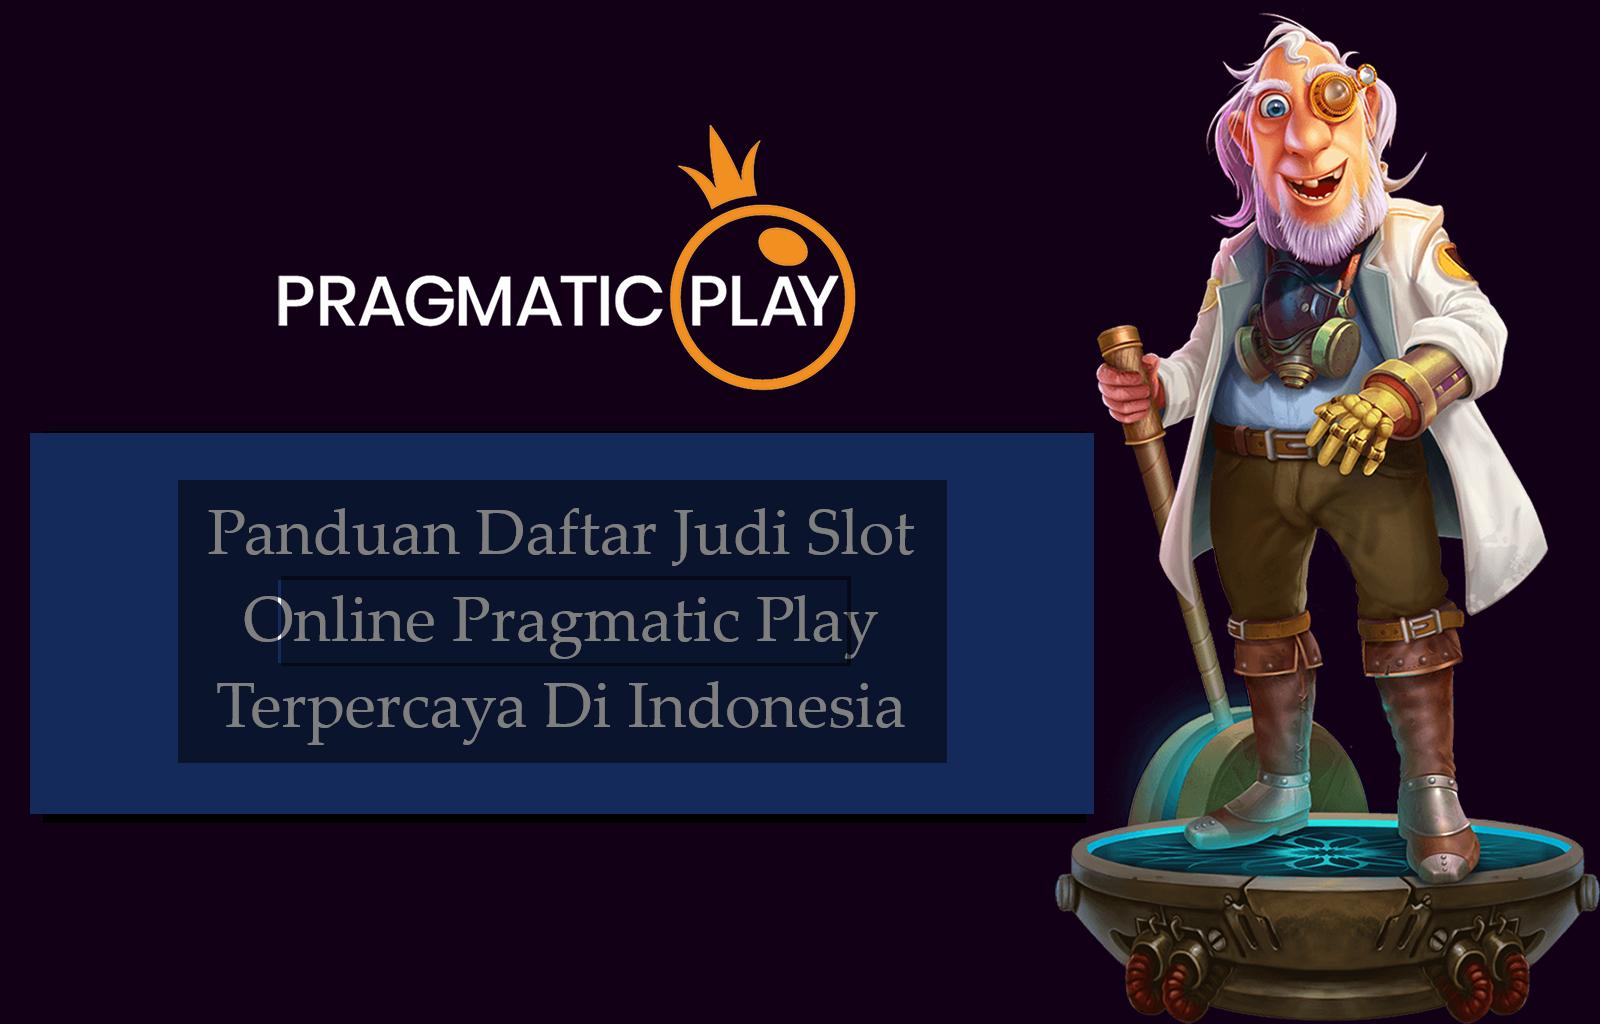 Panduan Daftar Judi Slot Online Pragmatic Play Terpercaya Di Indonesia